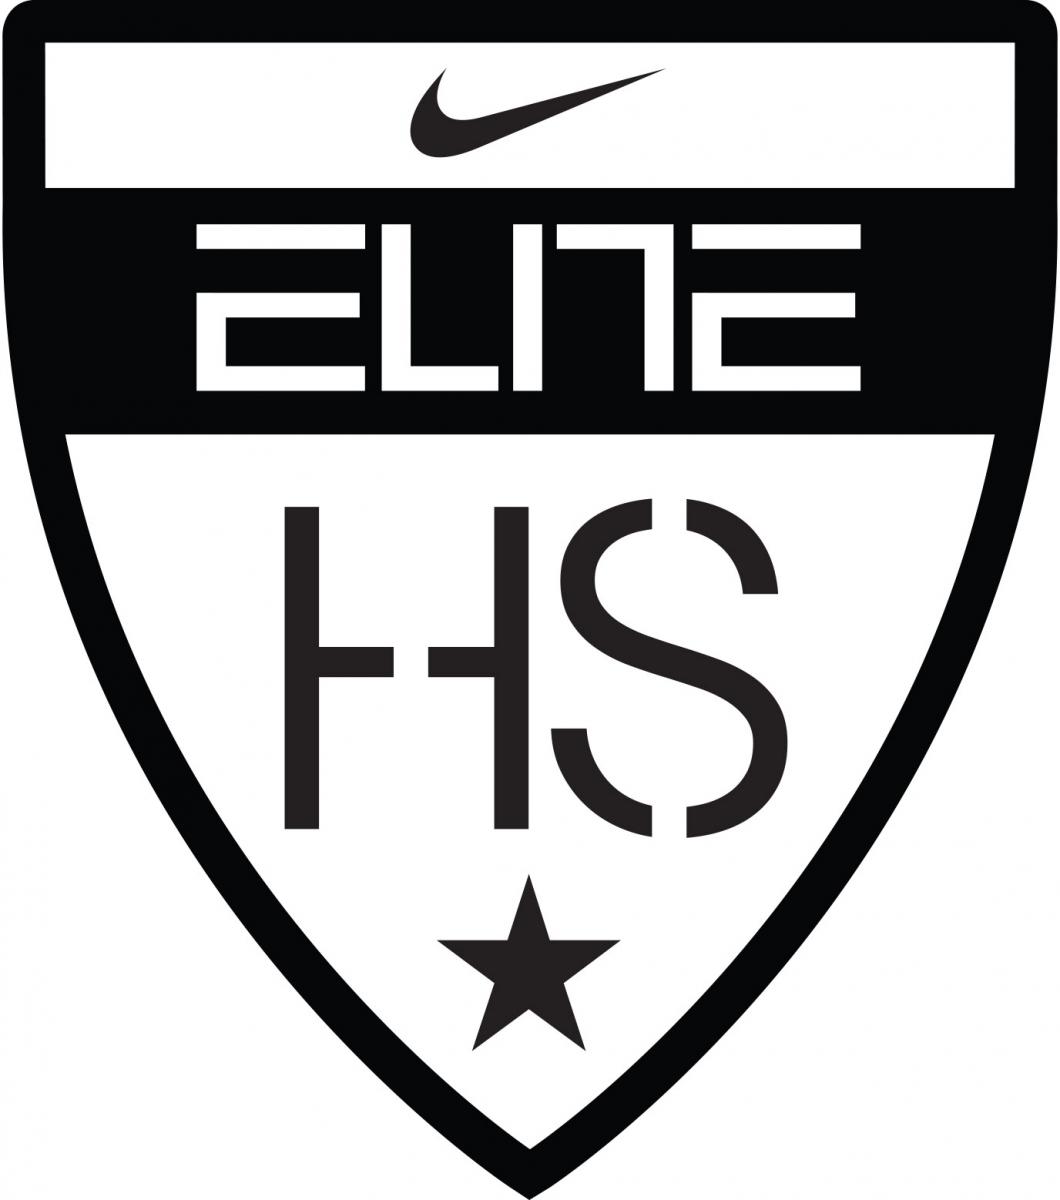 nike basketball logos rh logolynx com Under Armour Basketball Logo Basketball Shoe Logos